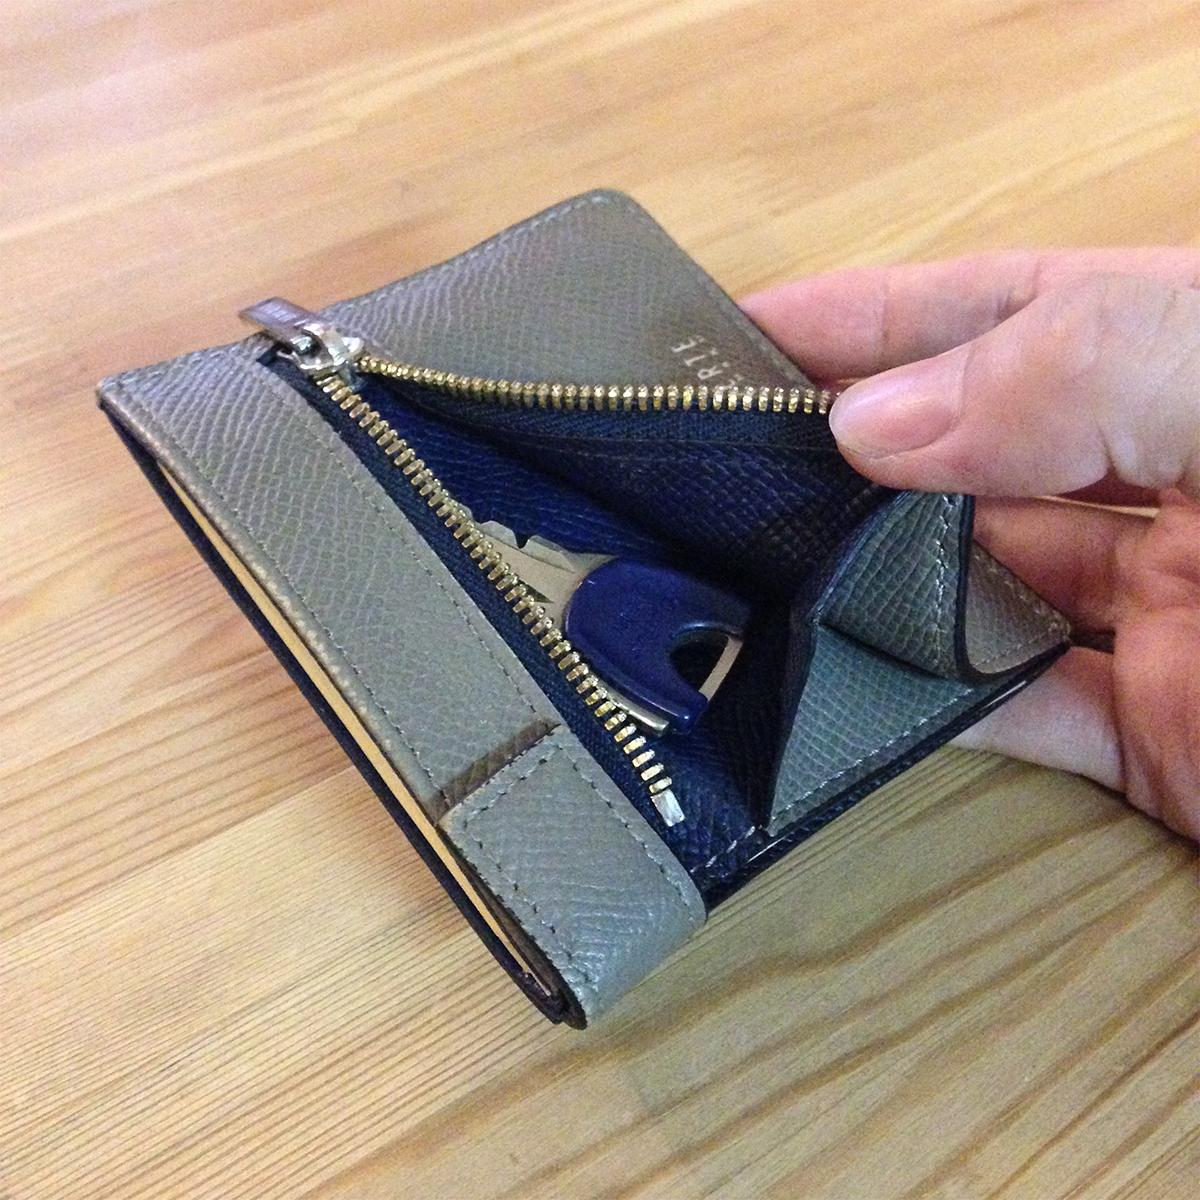 財布自体の薄さはキープしつつ、硬貨の過不足のないスペースを確保したスマートな革財布(札入れ)|ALBERTE